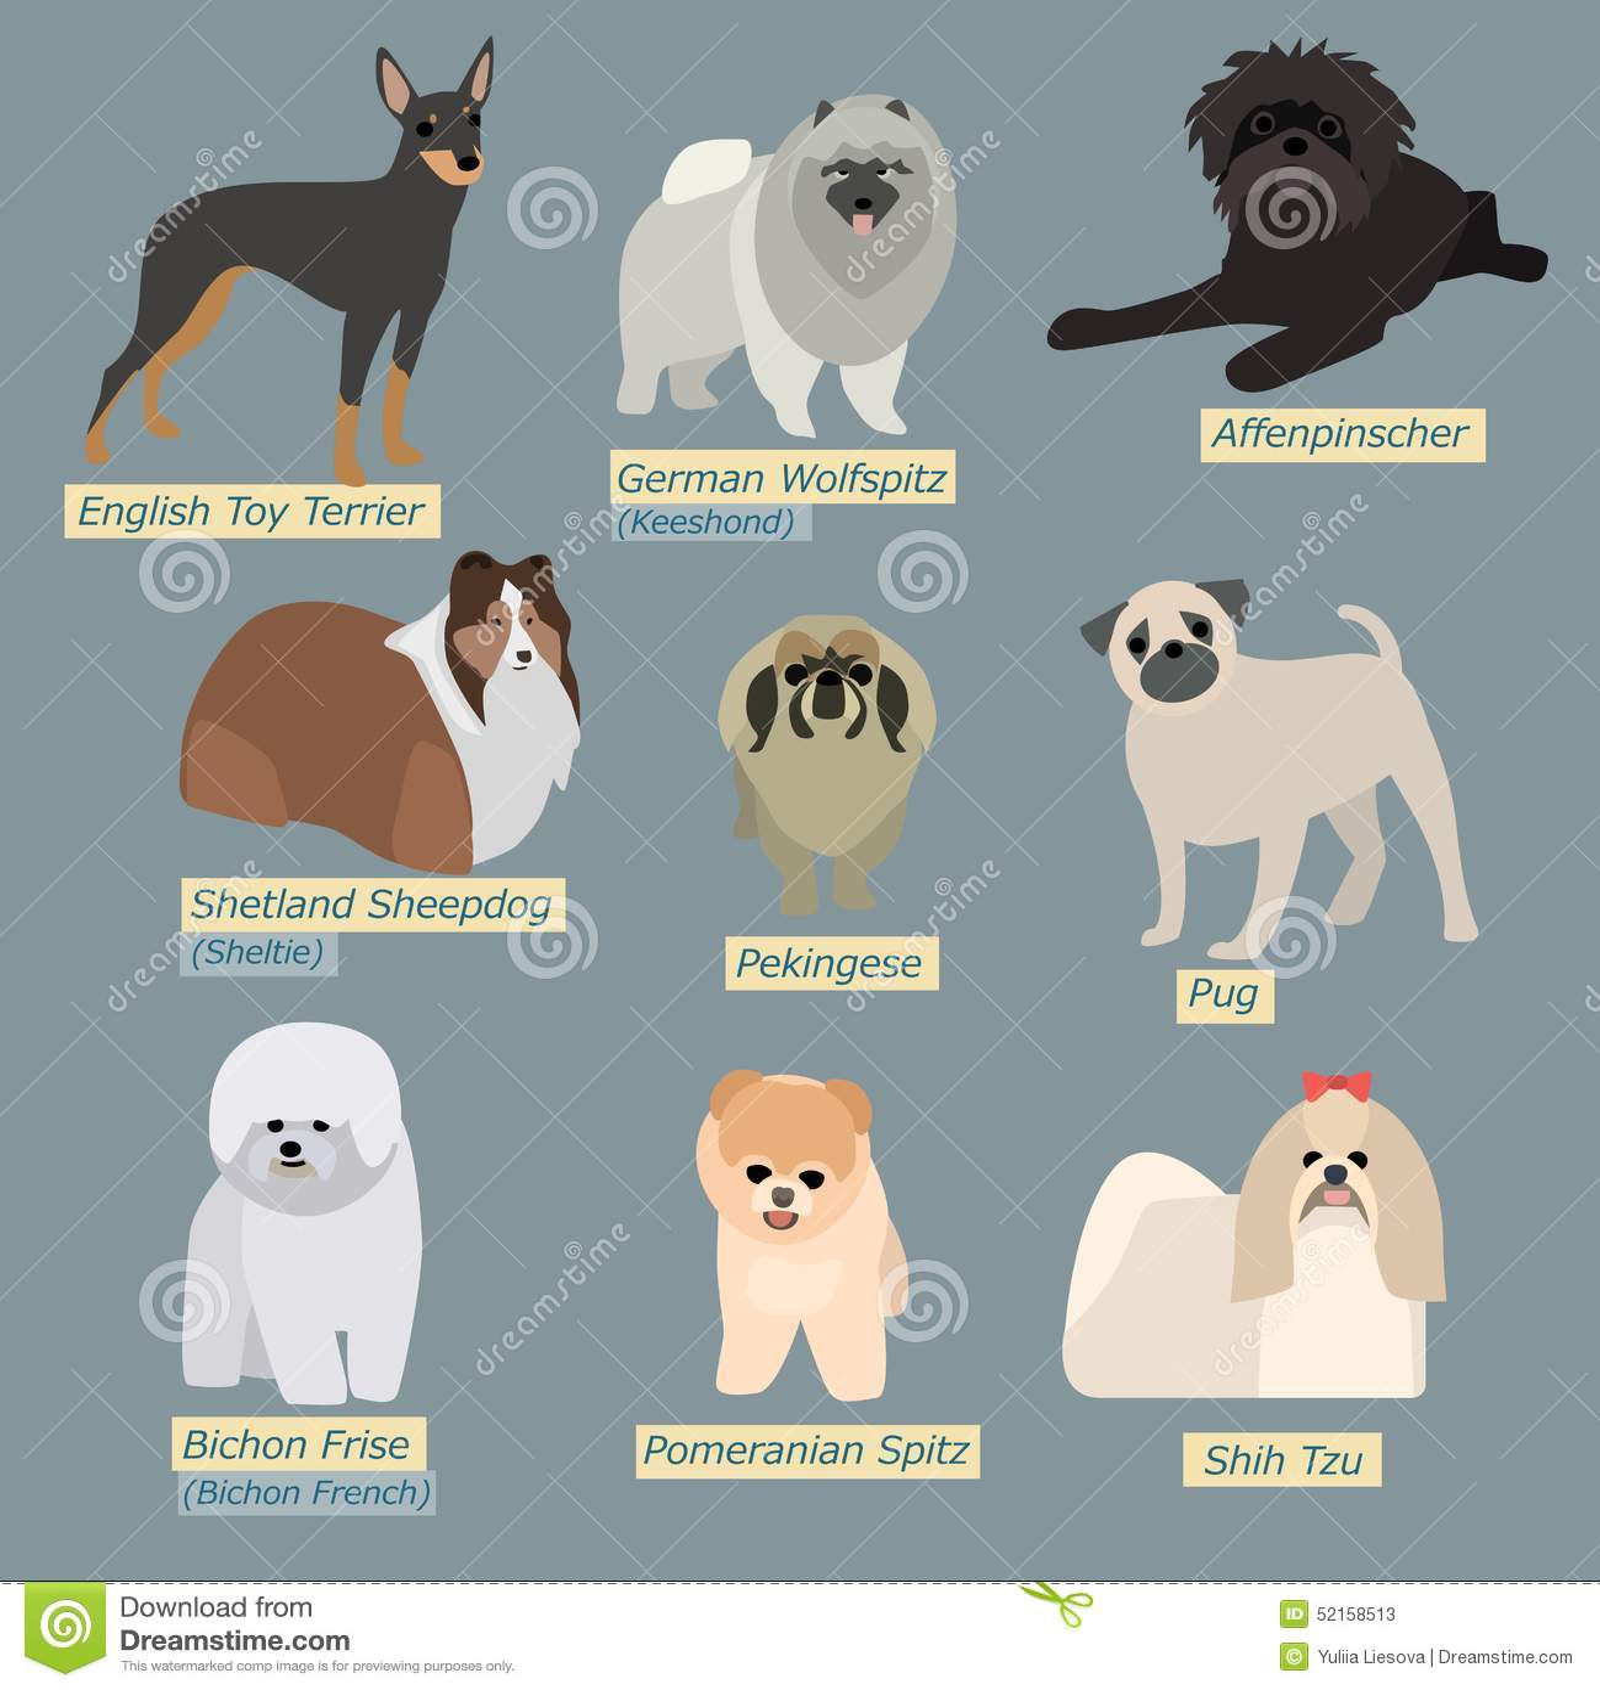 Siluetas simples de perros Mini-perros en diseño plano